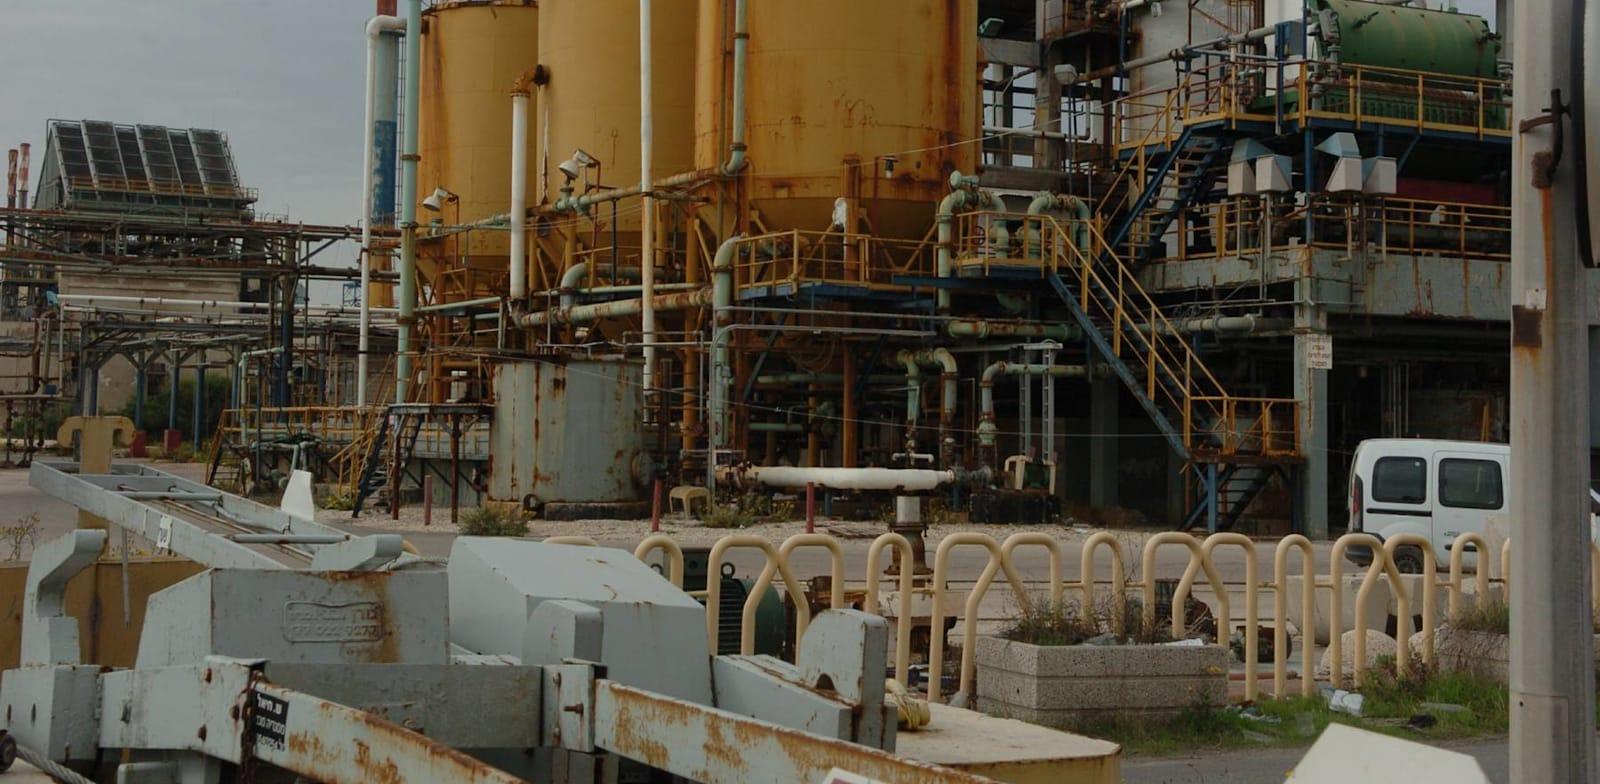 השטח הנמכר בעכו, בו פעל מפעל תעשיות אלקטרוכימיות / צילום: רובי קסטרו - מעריב